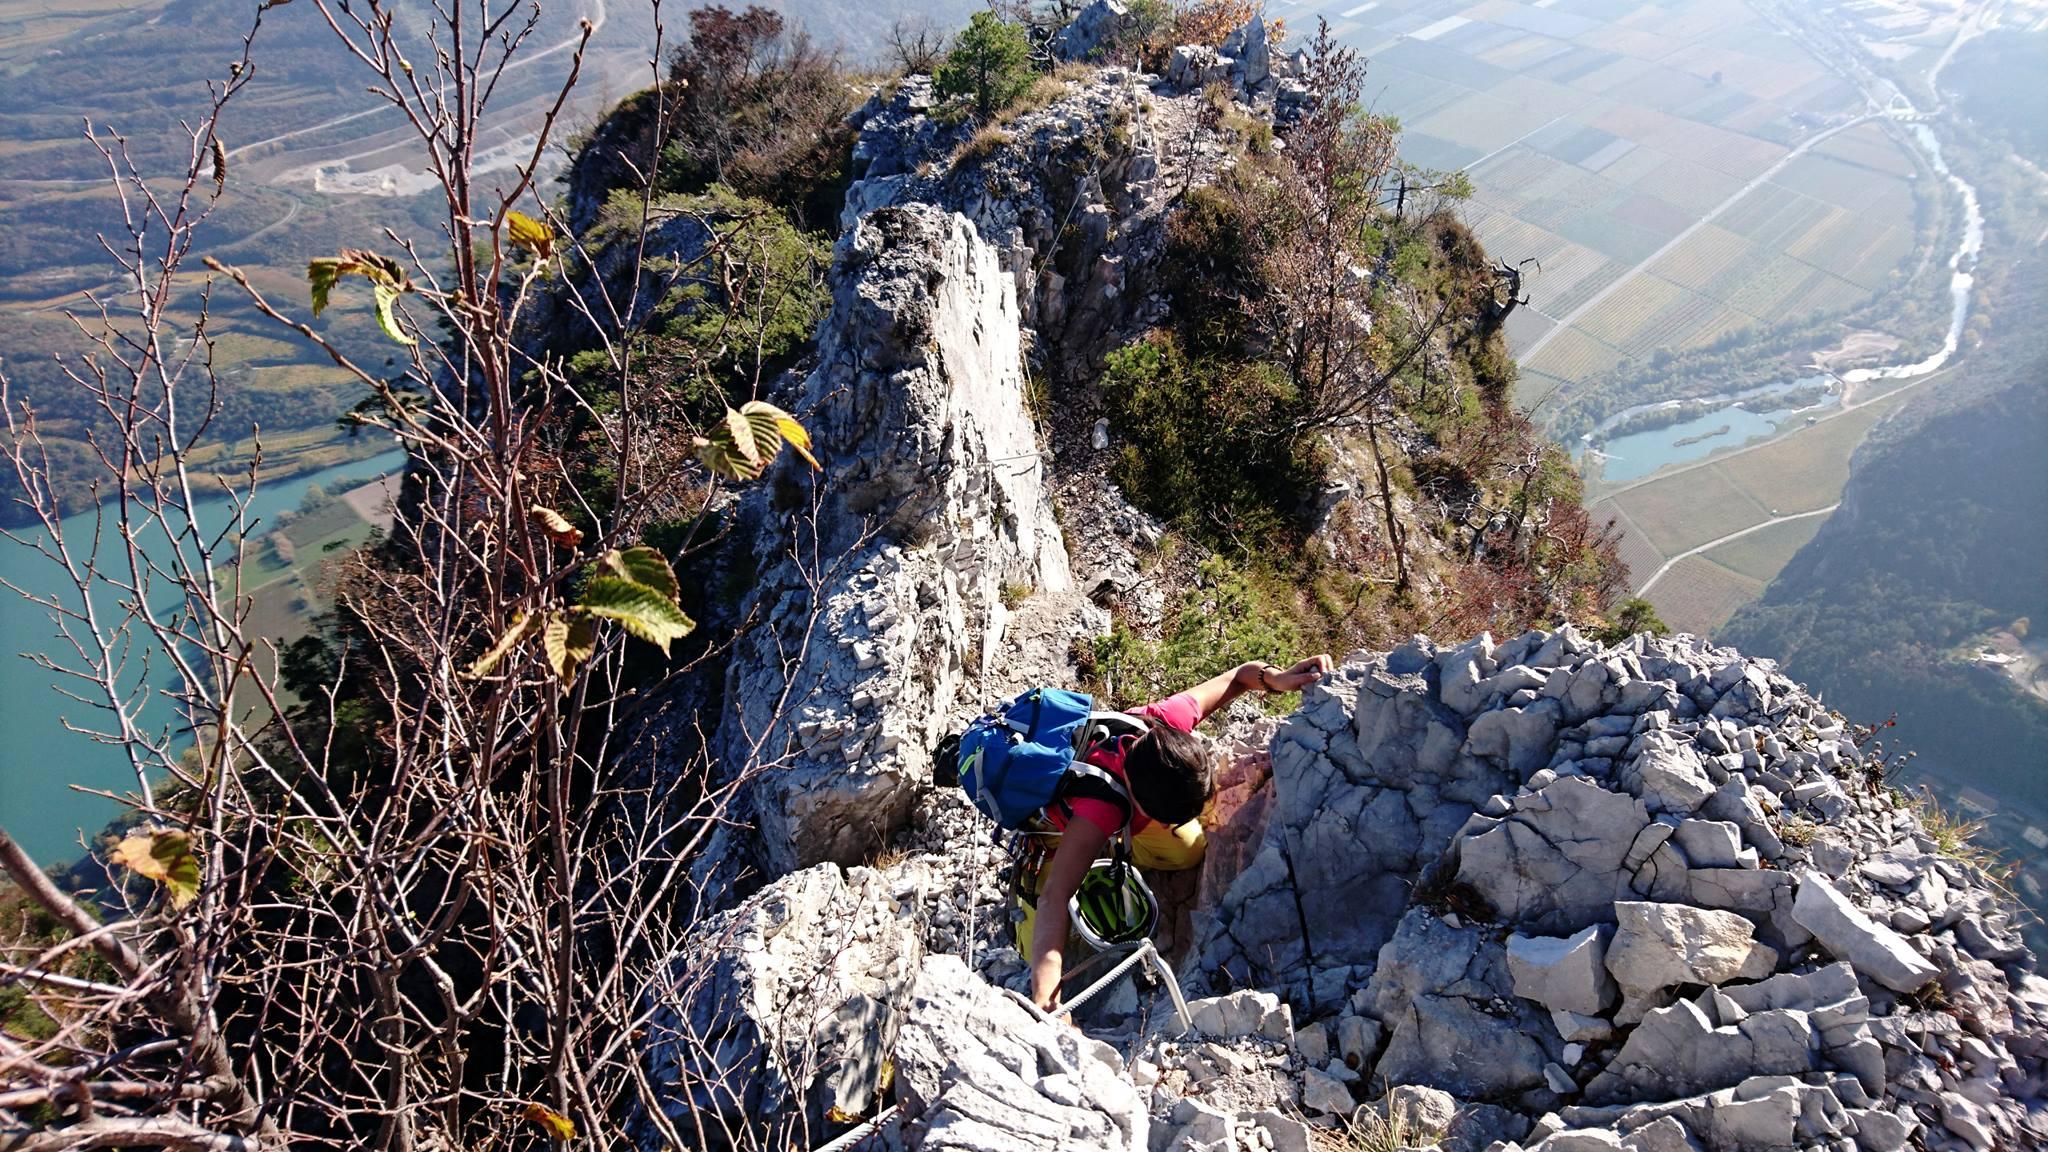 Erica sull'ultimo tratto di cresta che conduce in vetta